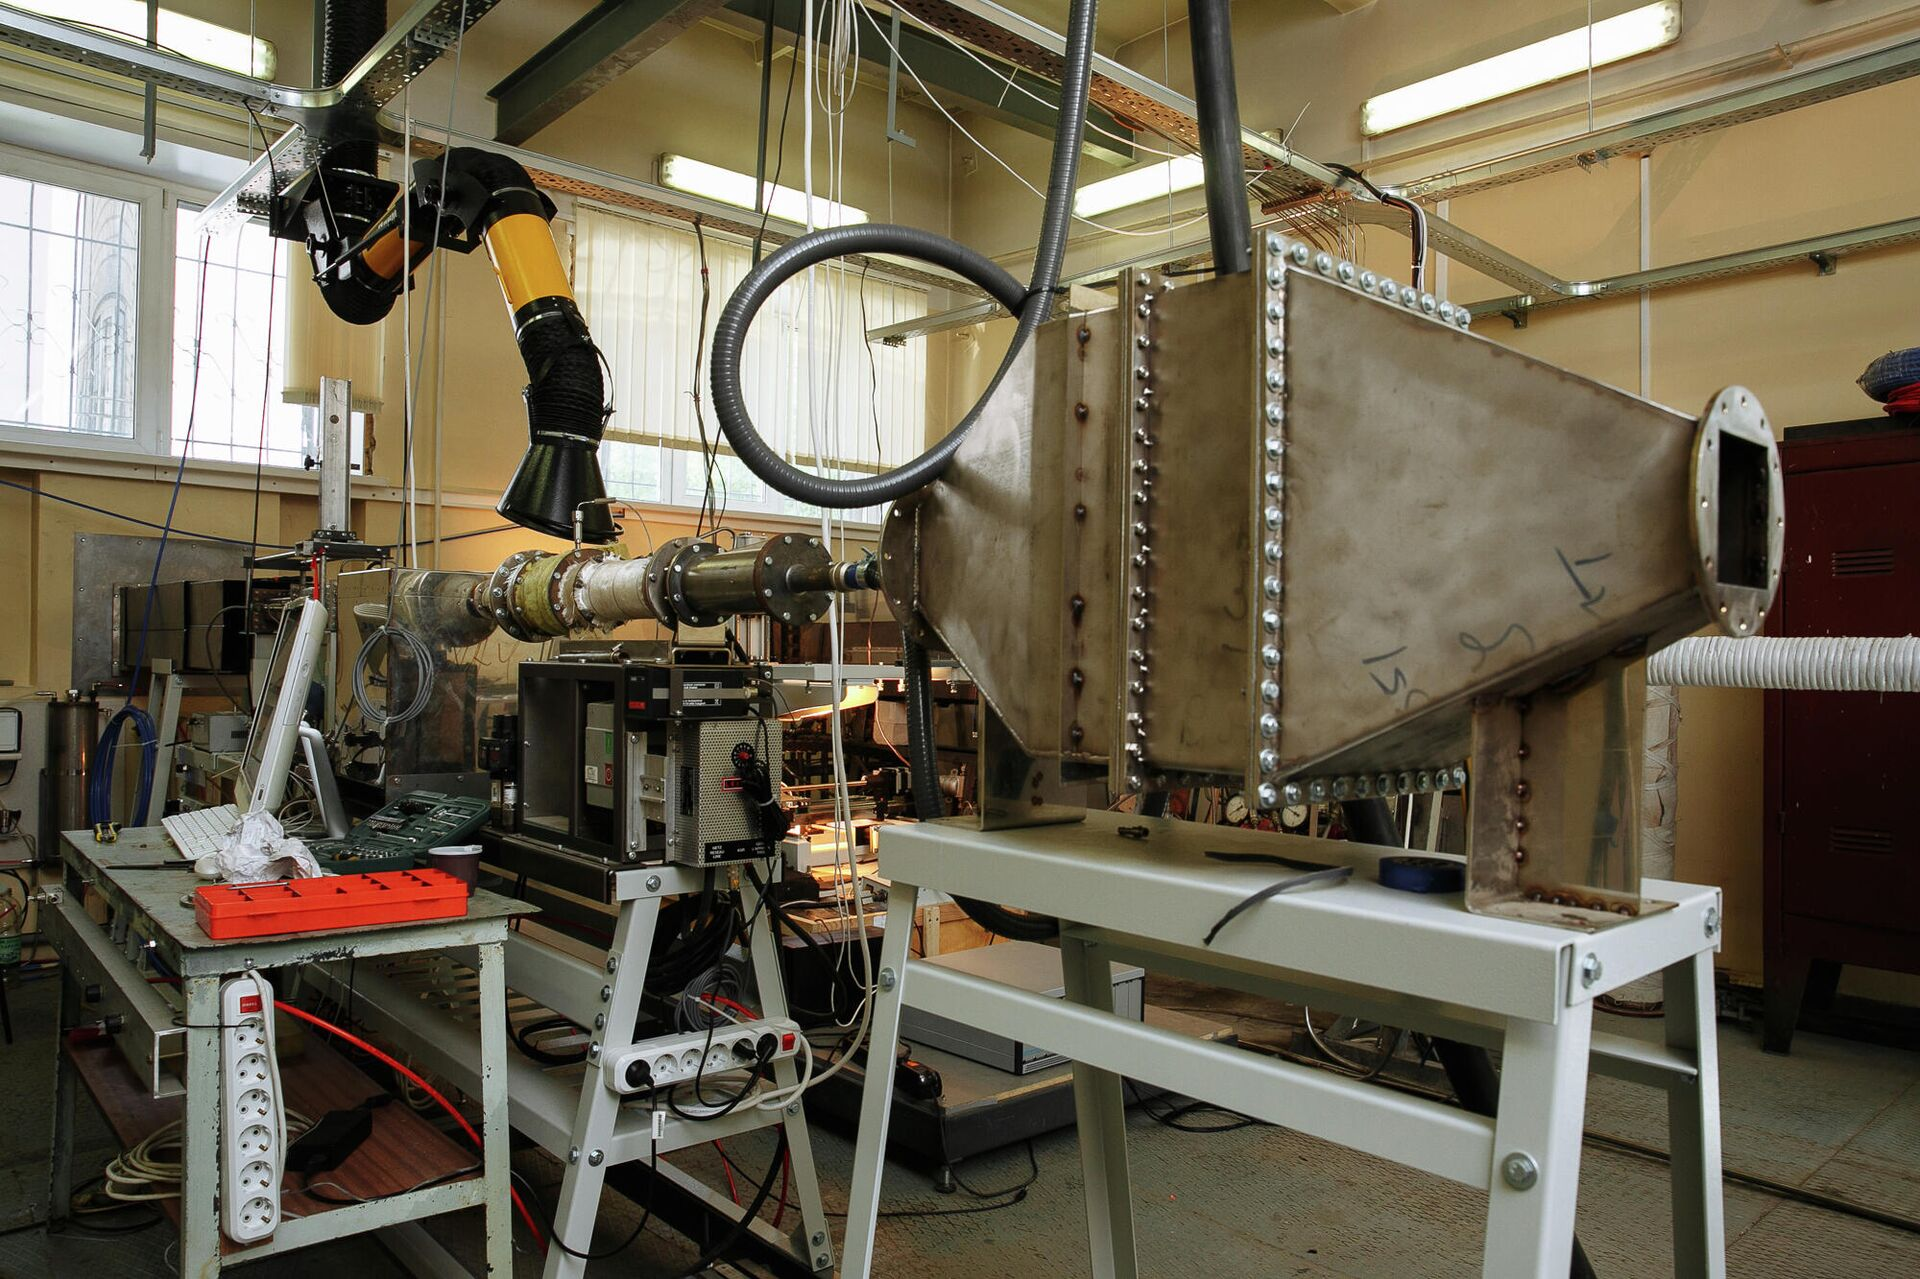 Эксперименты по исследованию различных характеристик камер сгорания газотурбинных двигателей - РИА Новости, 1920, 29.01.2021